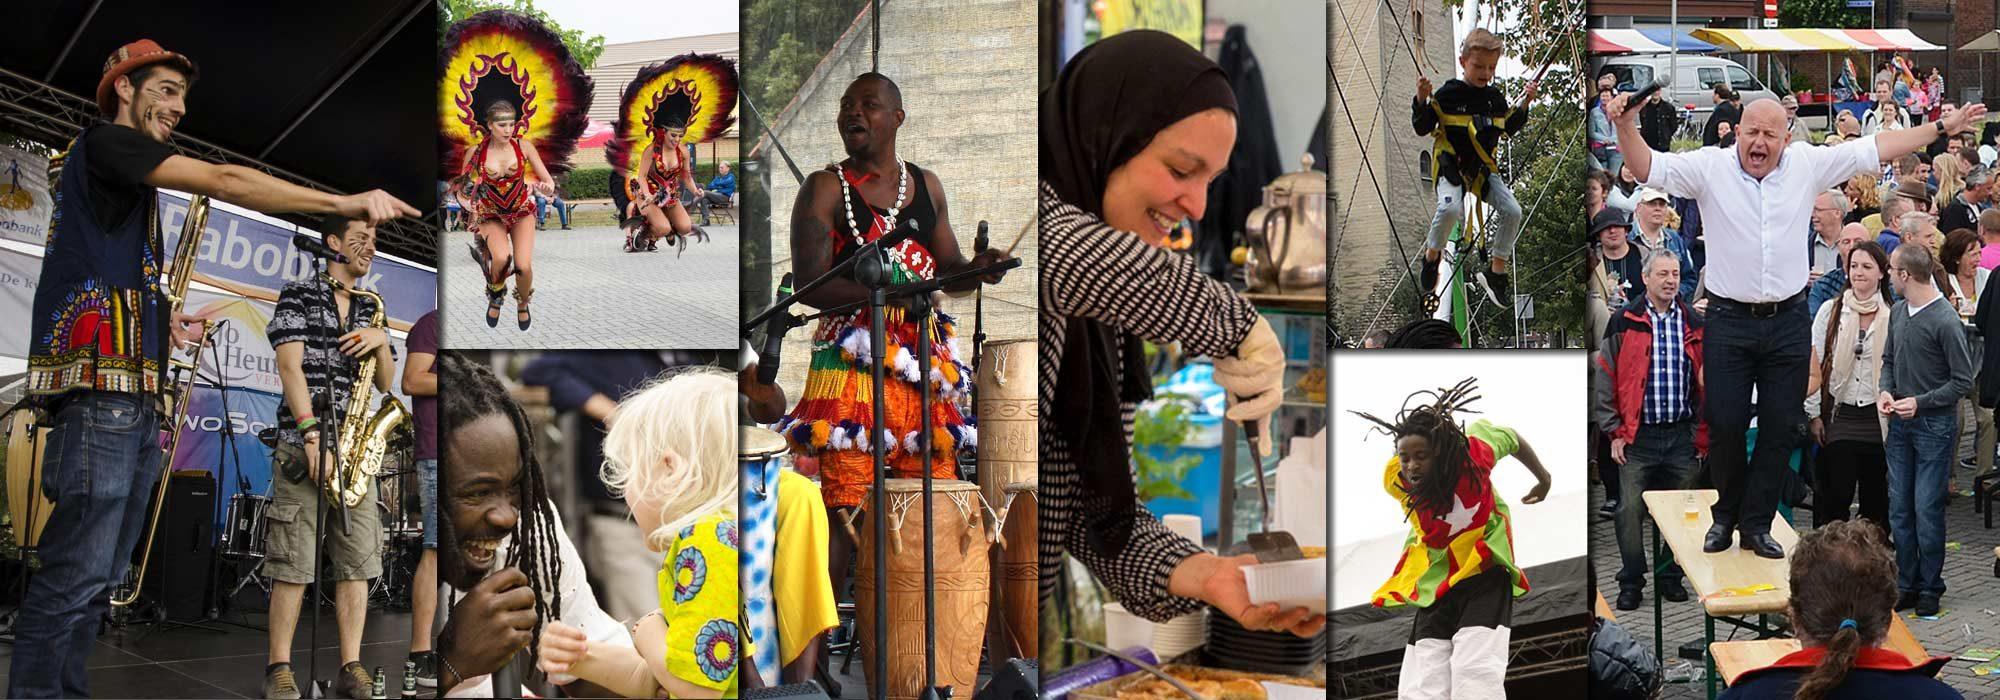 Multicultureel met Maastrichtse ambiance